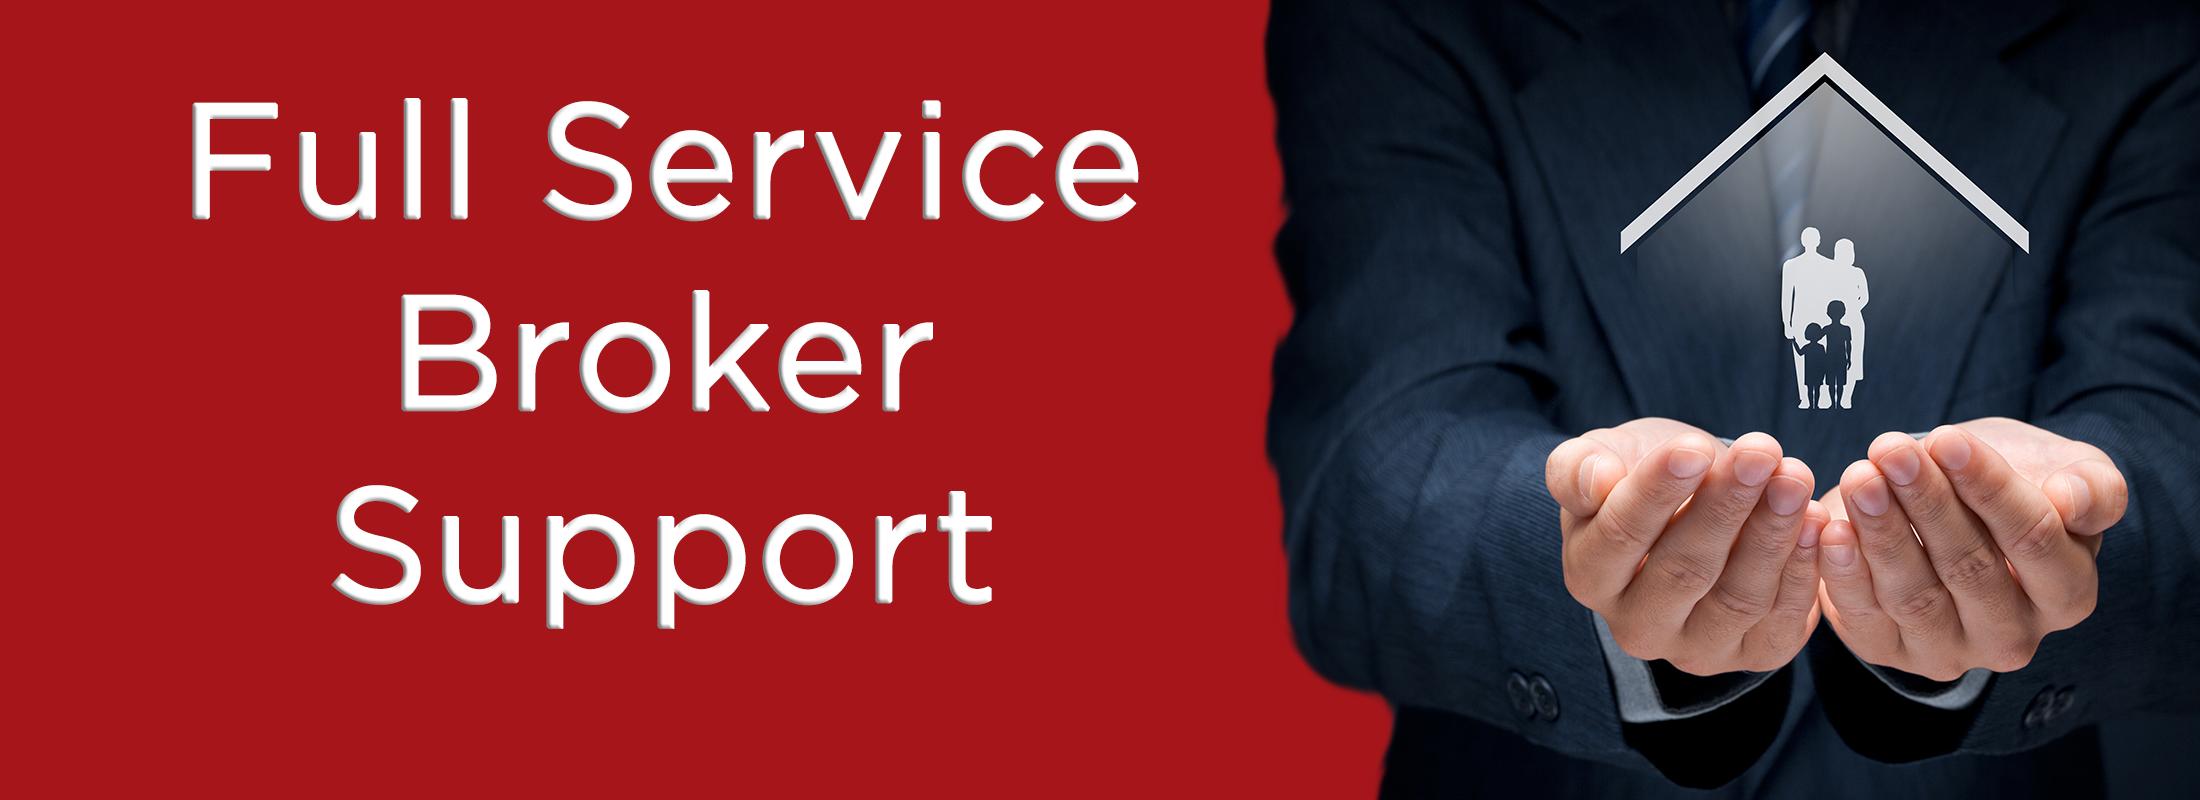 Full Service Broker Support